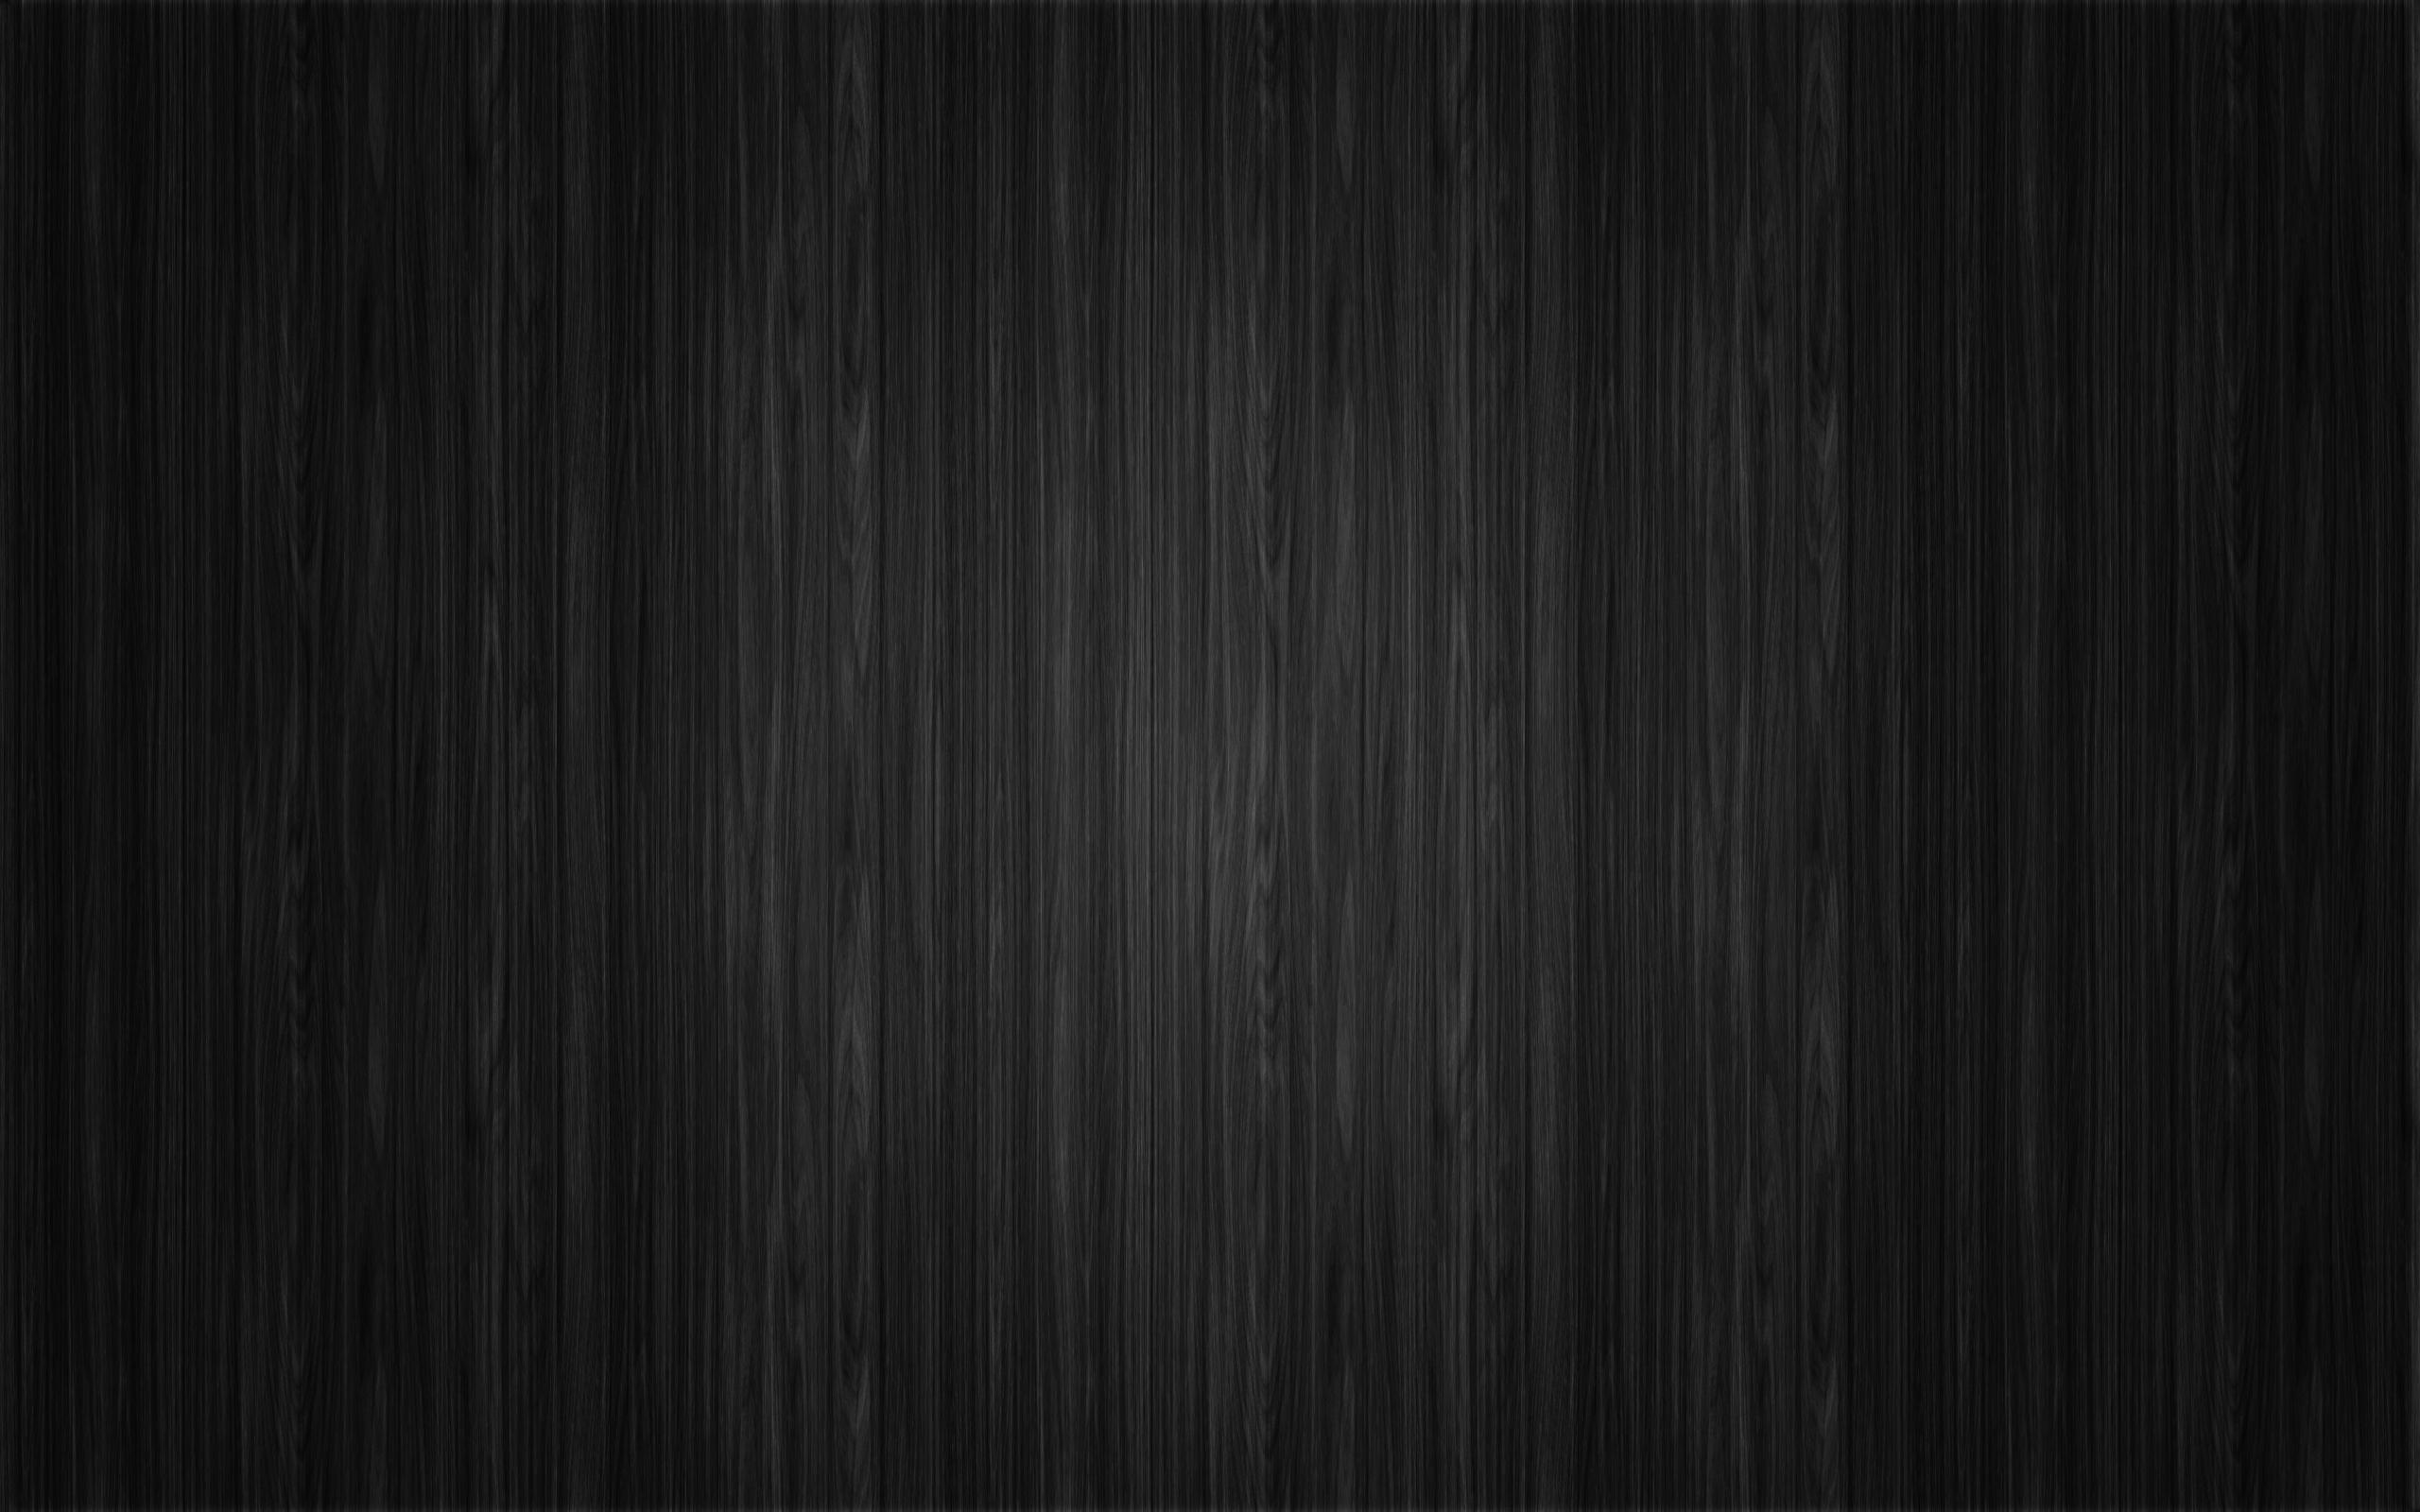 15031 Lade kostenlos Schwarz Hintergrundbilder für dein Handy herunter, Hintergrund Schwarz Bilder und Bildschirmschoner für dein Handy